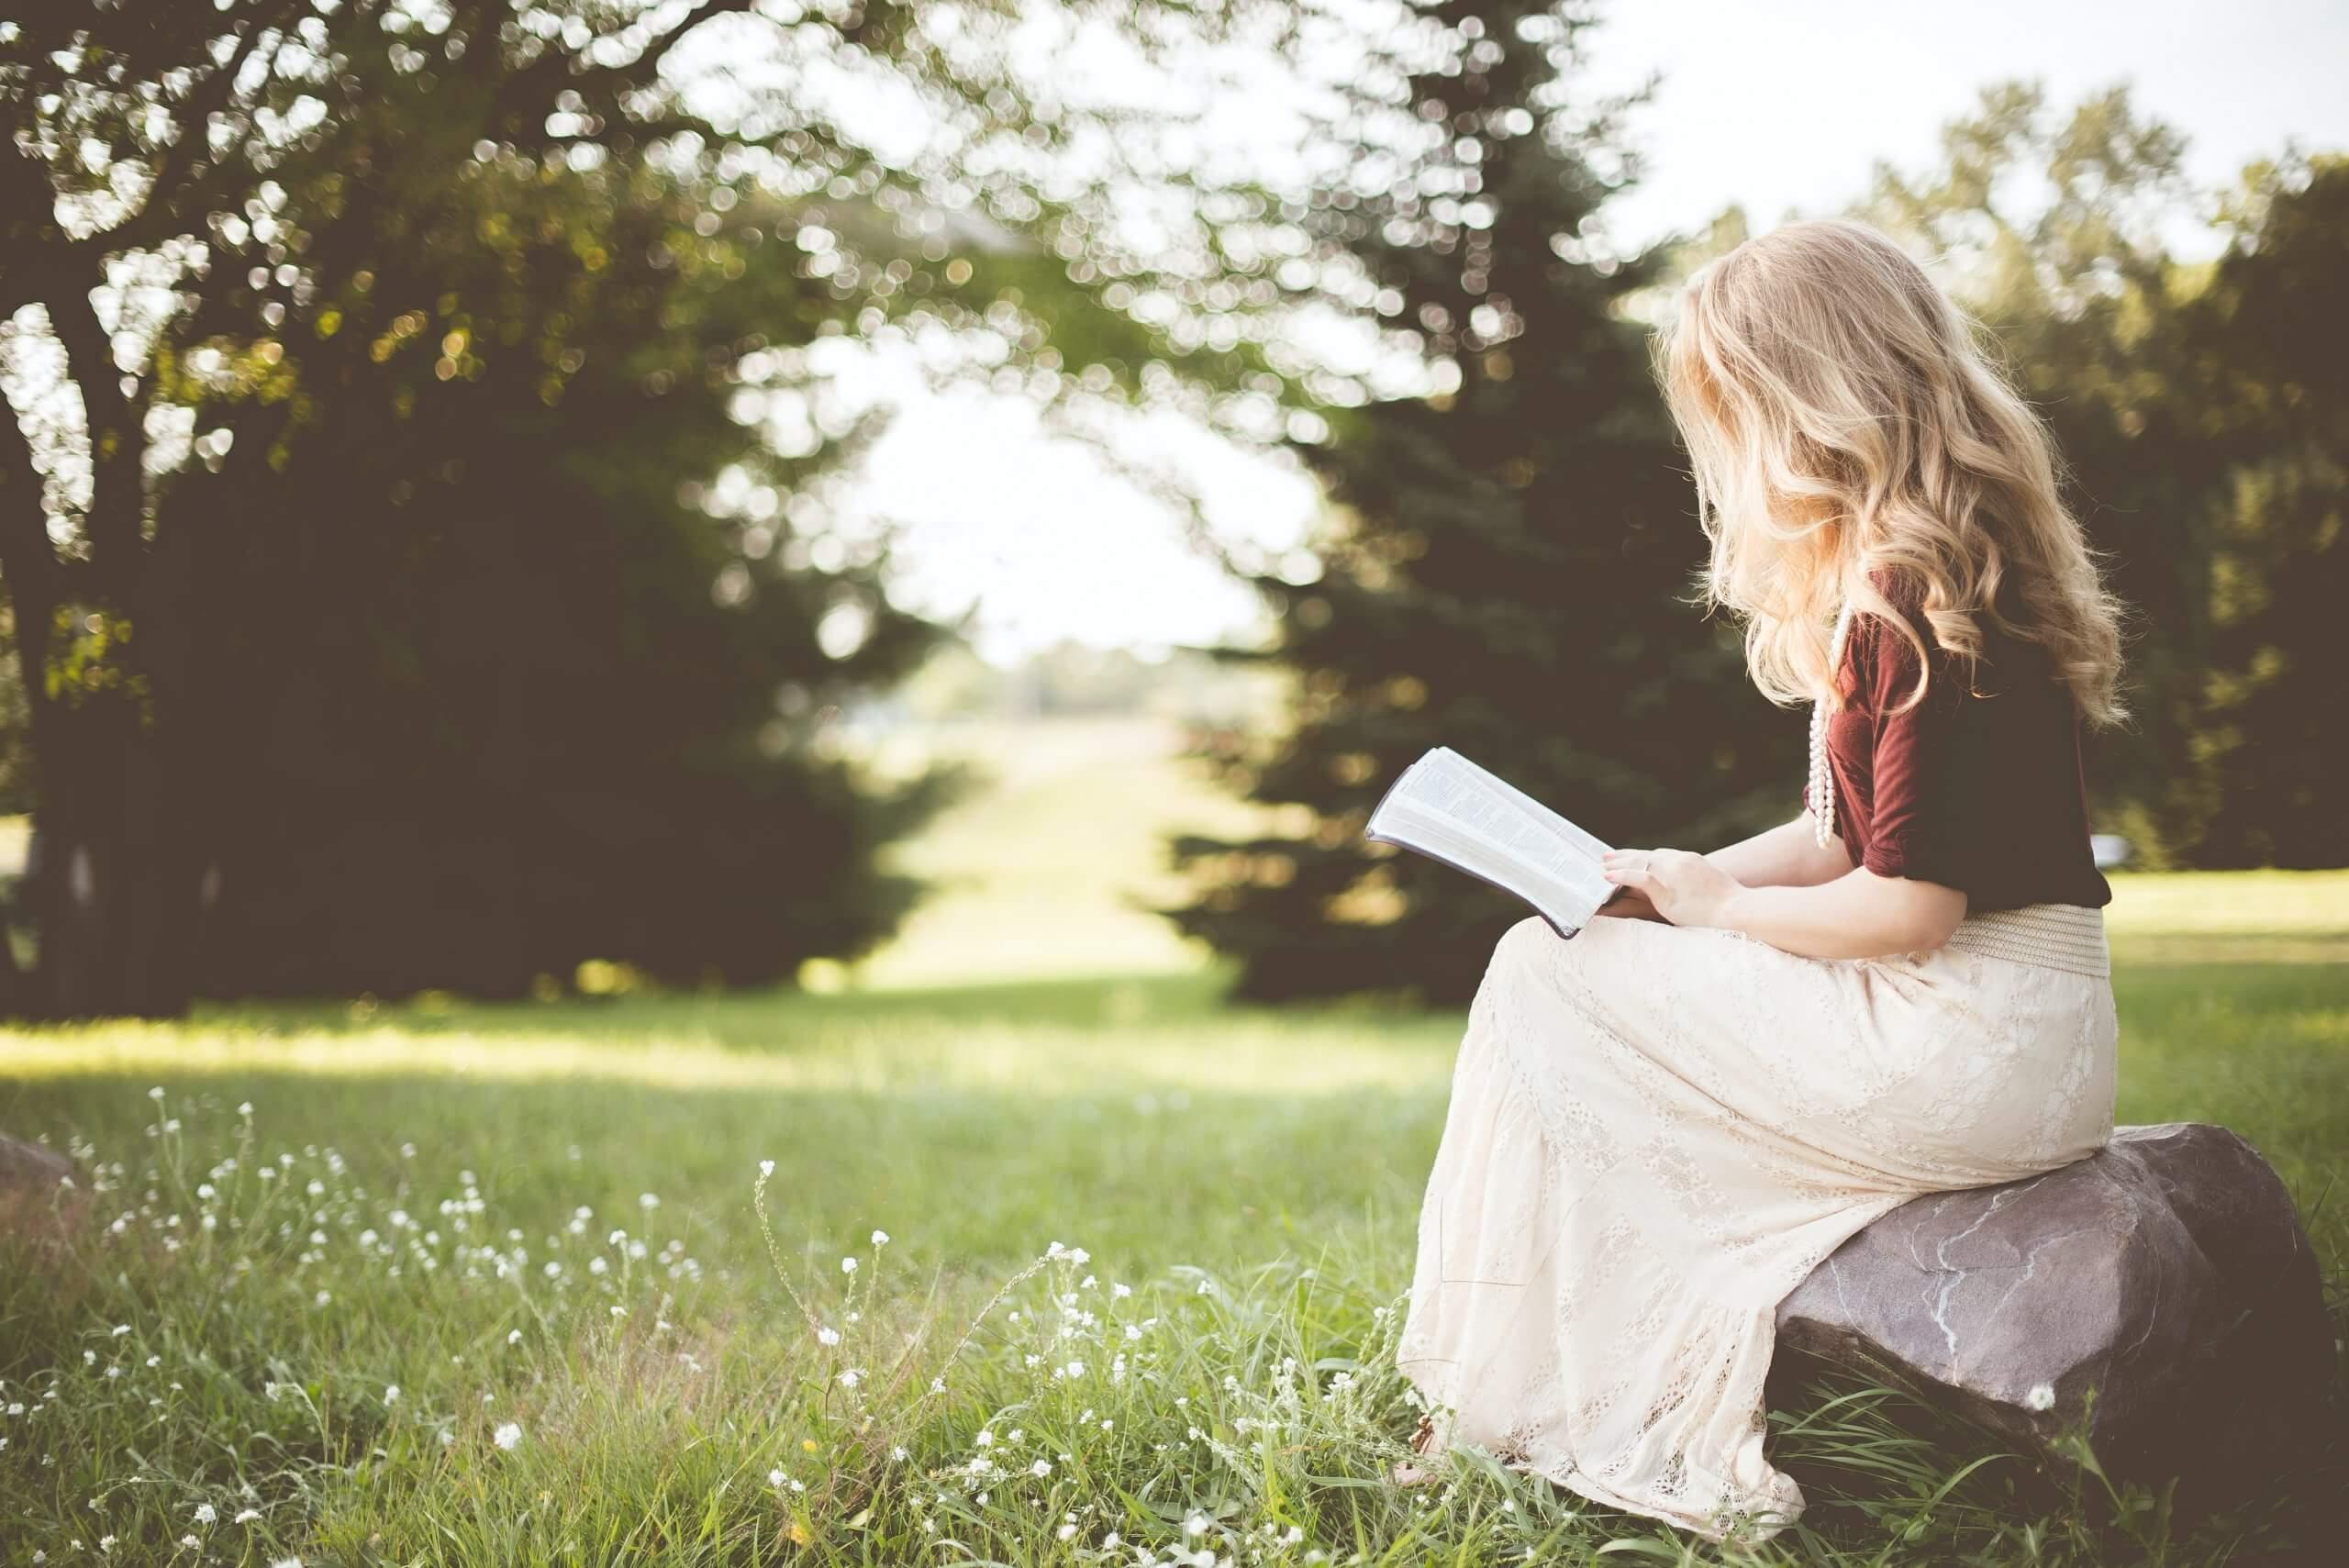 rapariga loira a ler um livro num parque sentada numa rocha